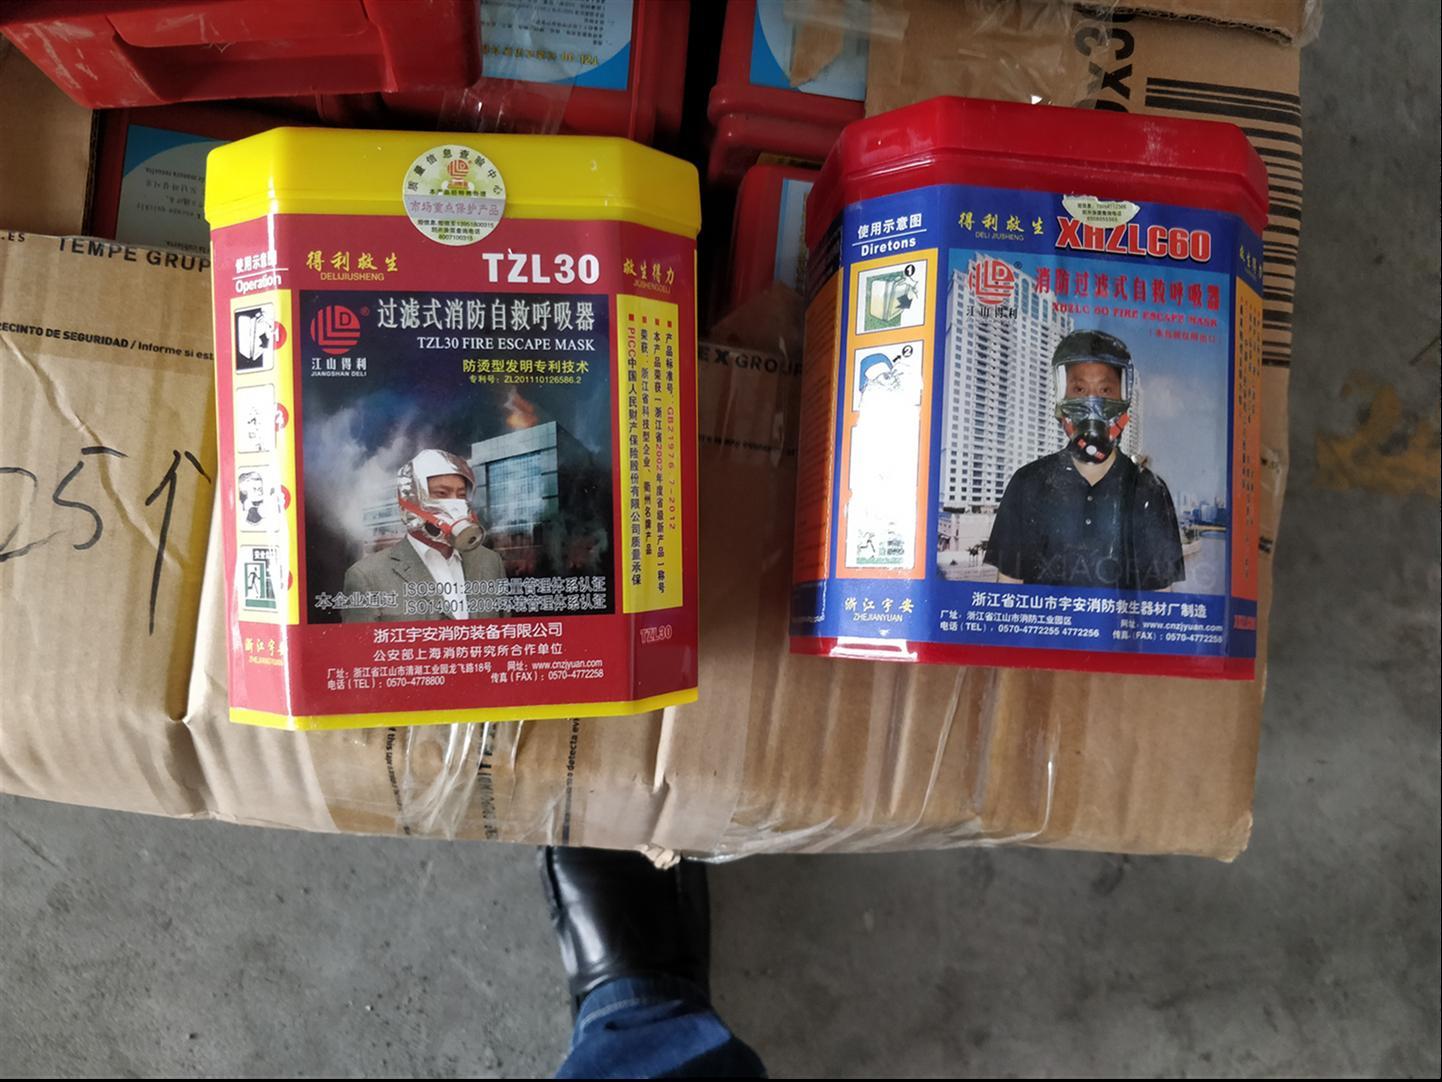 廊坊消防过滤式自救呼吸器回收价格